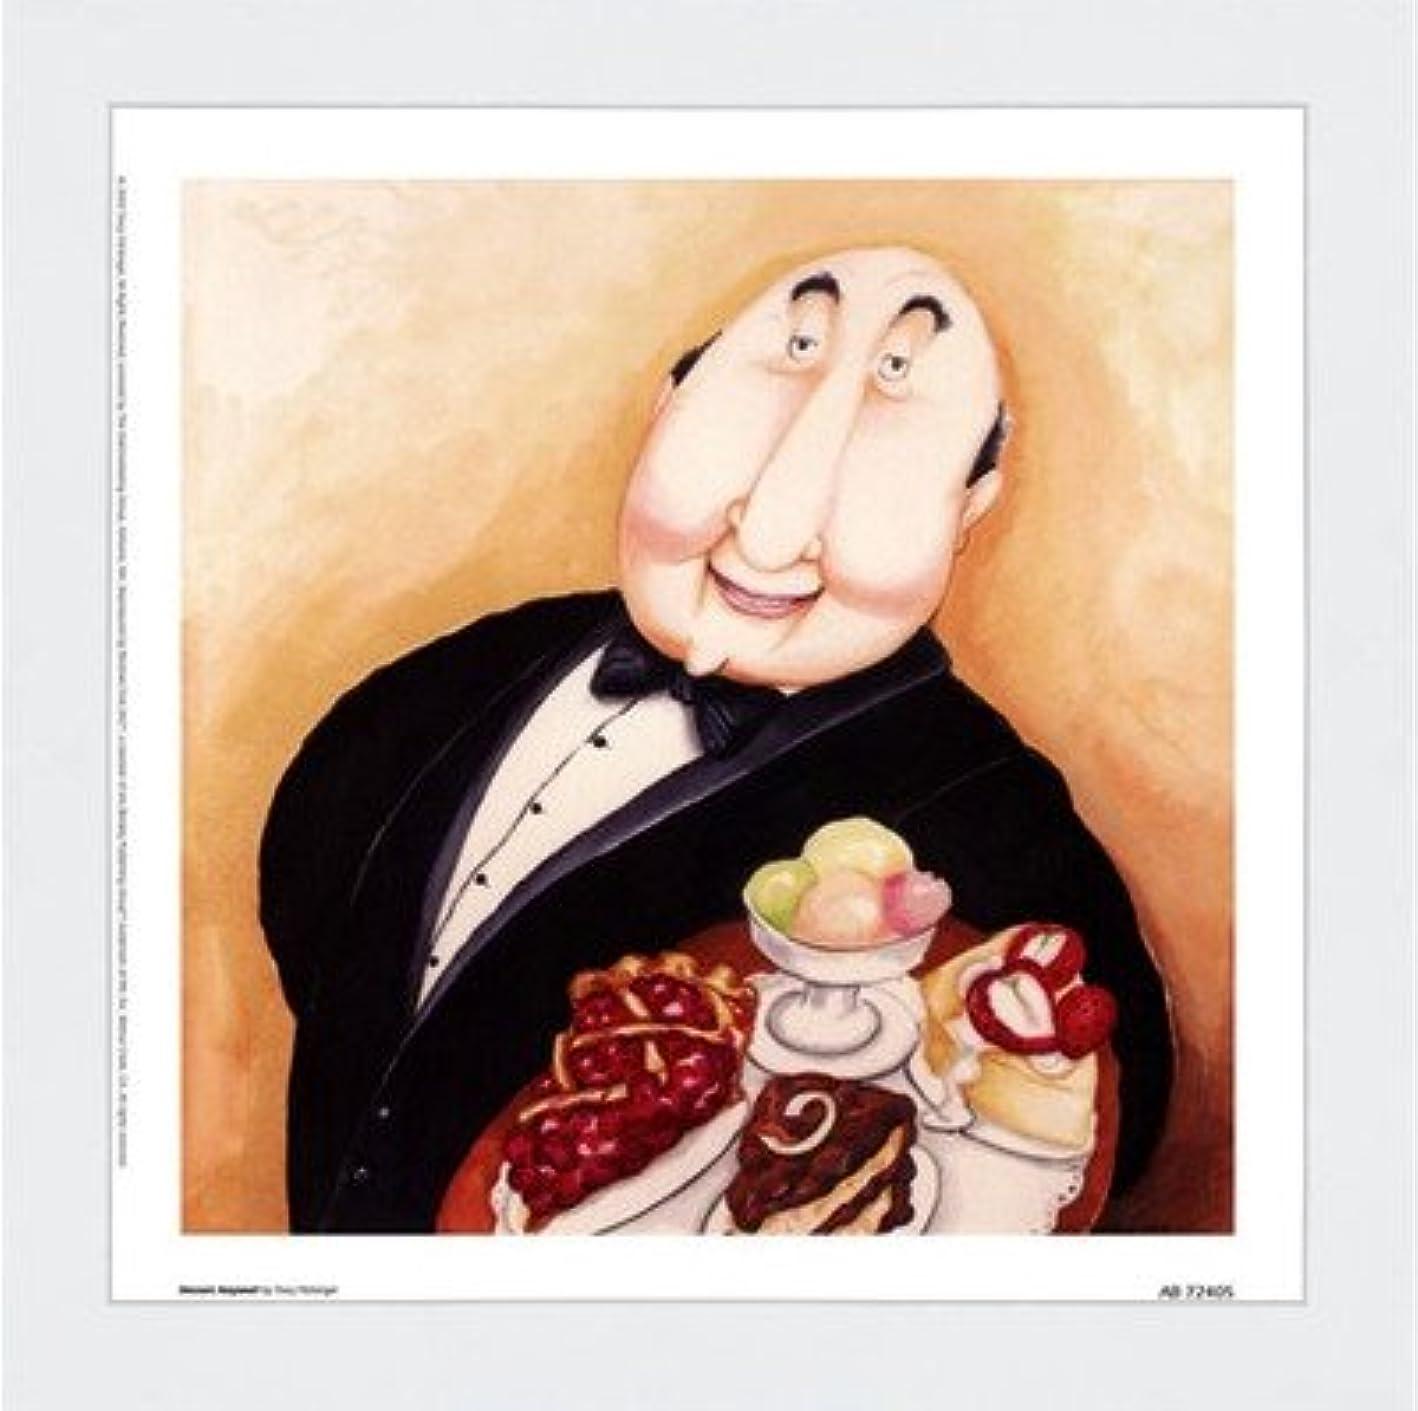 ファイアル栄光のぬれたデザートAnyone by Tracy Flickinger – 9 x 9インチ – アートプリントポスター LE_468077-F8989-9x9